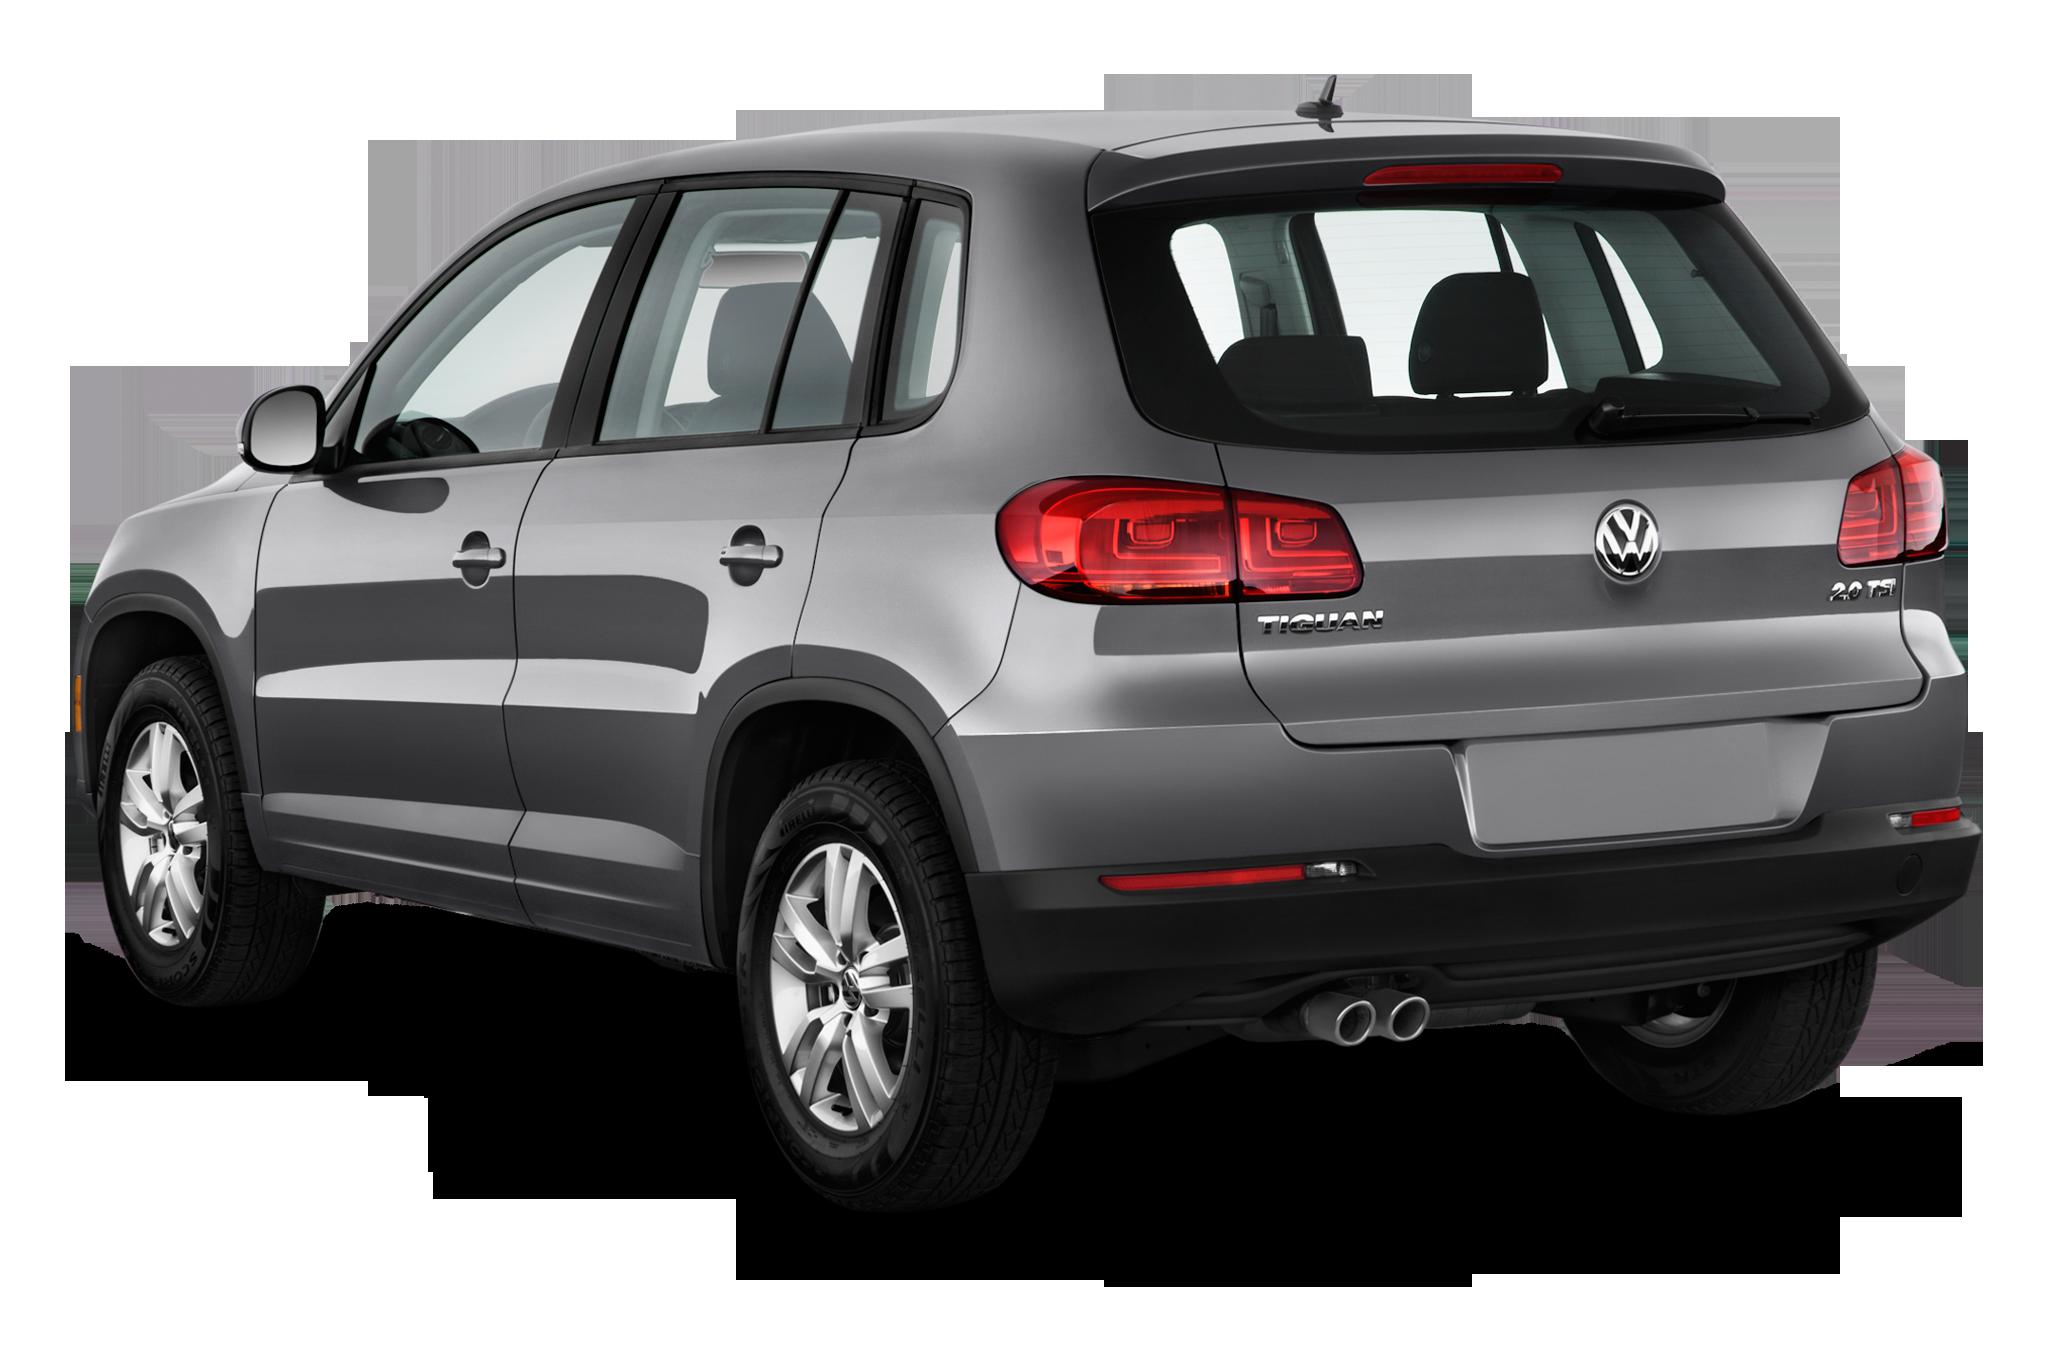 Volkswagen Tiguan I 2007 - 2011 SUV 5 door #2